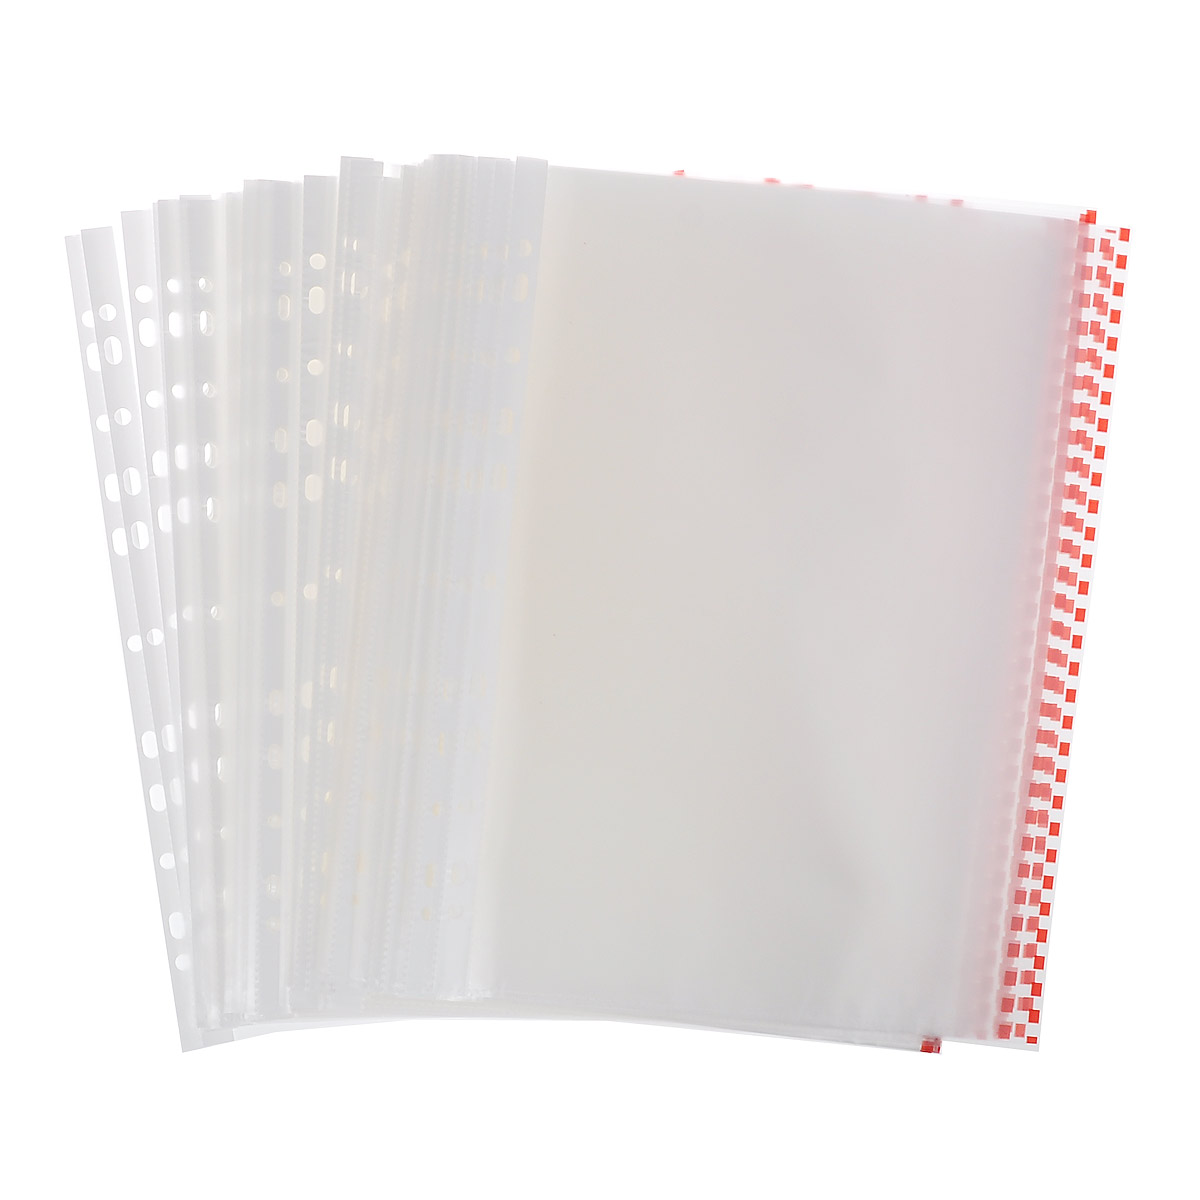 Файл-вкладыш Erich Krause, с перфорацией, цвет: прозрачный, красный, формат А4, 100 шт80031Файл-вкладыш Erich Krause отлично подойдет для подшивки документов в архивные папки без перфорирования дыроколом. Боковая цветная полосапозволяет сортировать документы по темам. Стандартная перфорация совместима с любыми видами архивных папок.Комплект включает 100 перфофайлов с боковой полосой красного цвета.